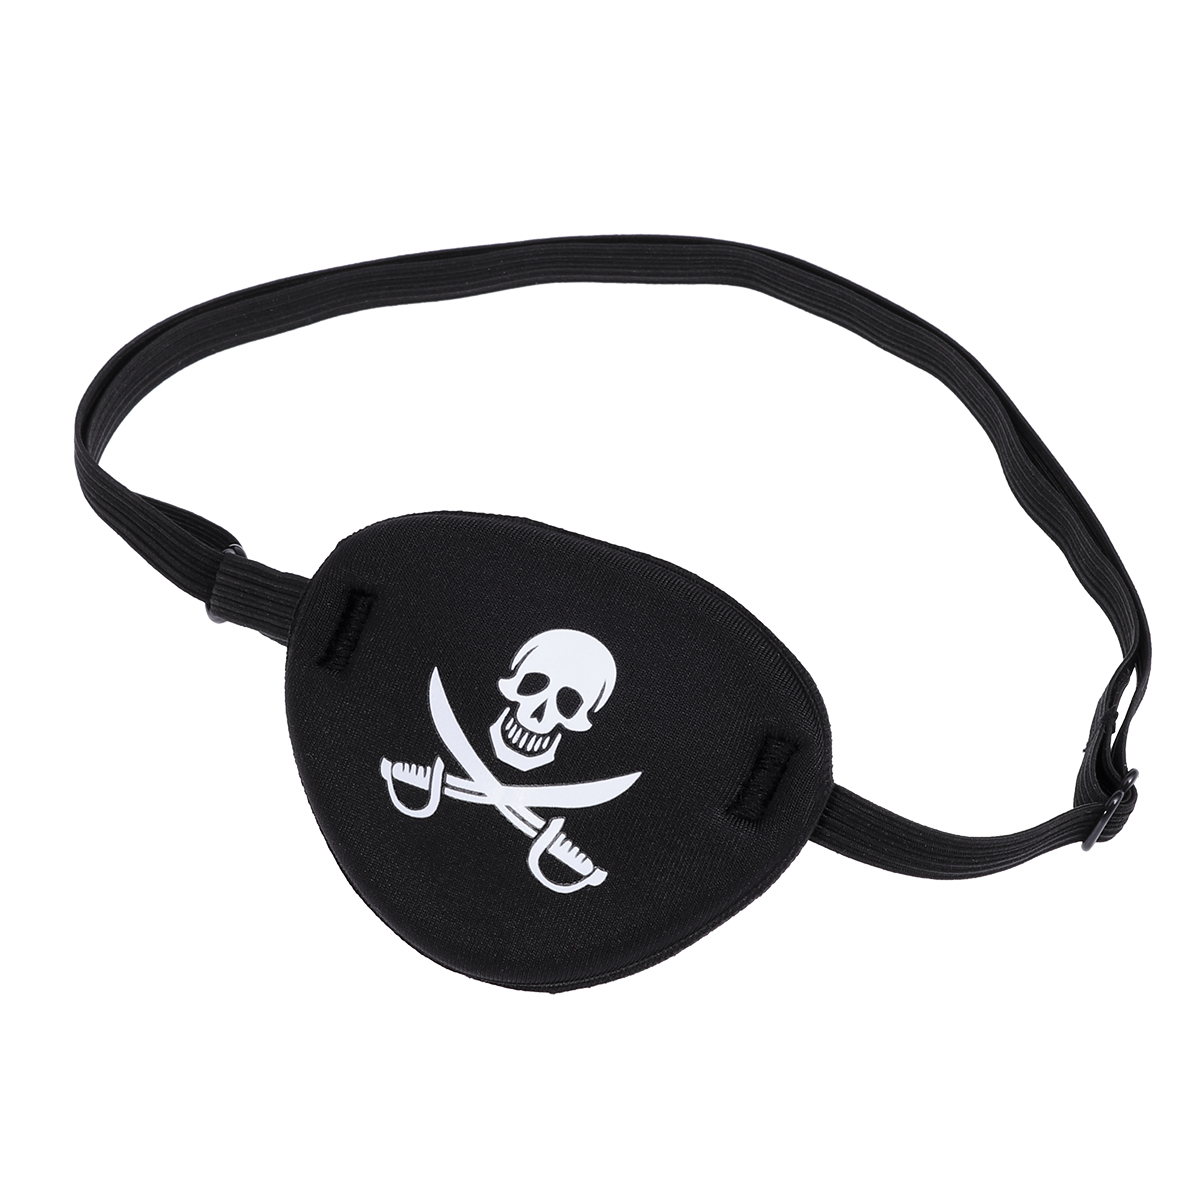 WINOMO Pirate Schädel Kinder Kinder Augenklappe Maske Für Faul Auge Patch Cosplay Party Pirate Eye Patch Kinder Party geburtstag Schwarz